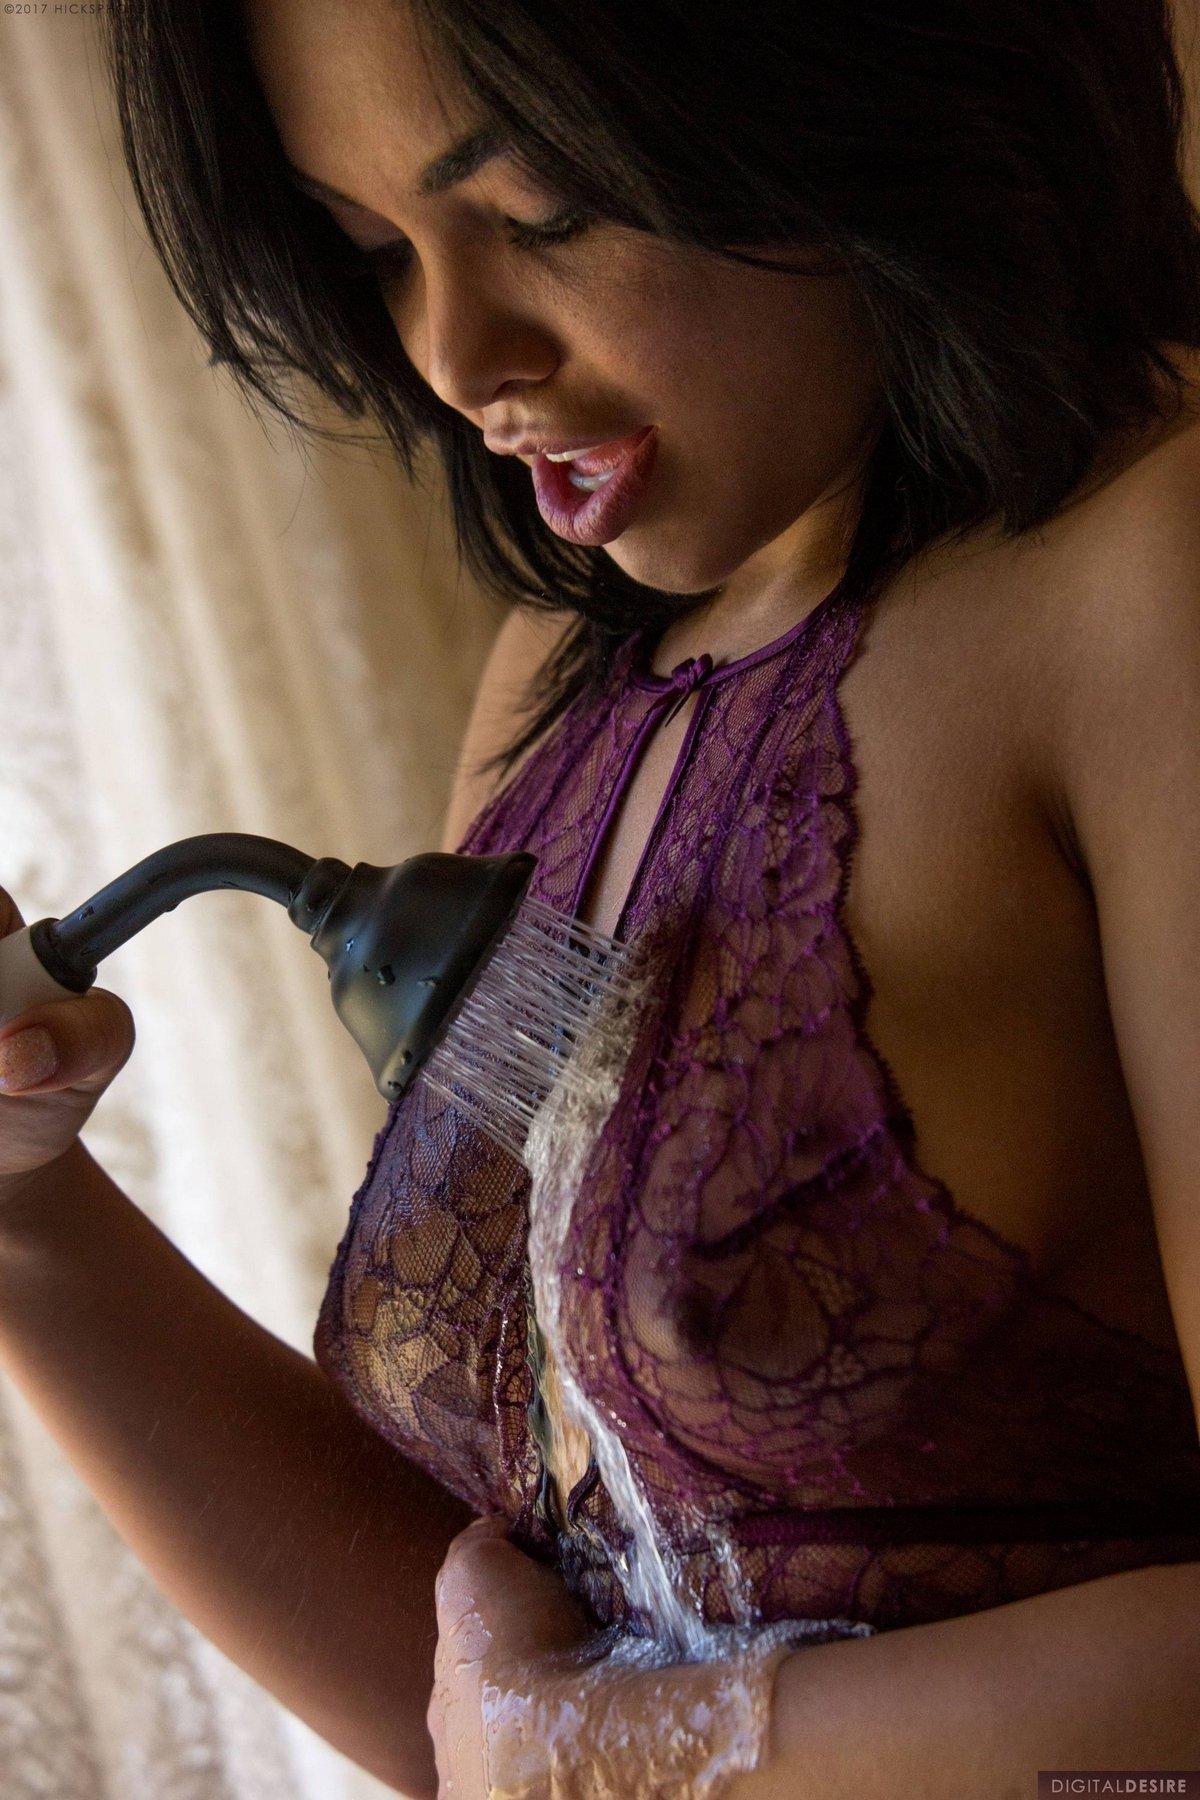 Чувственная брюнеточка влажная в душевой смотреть эротику